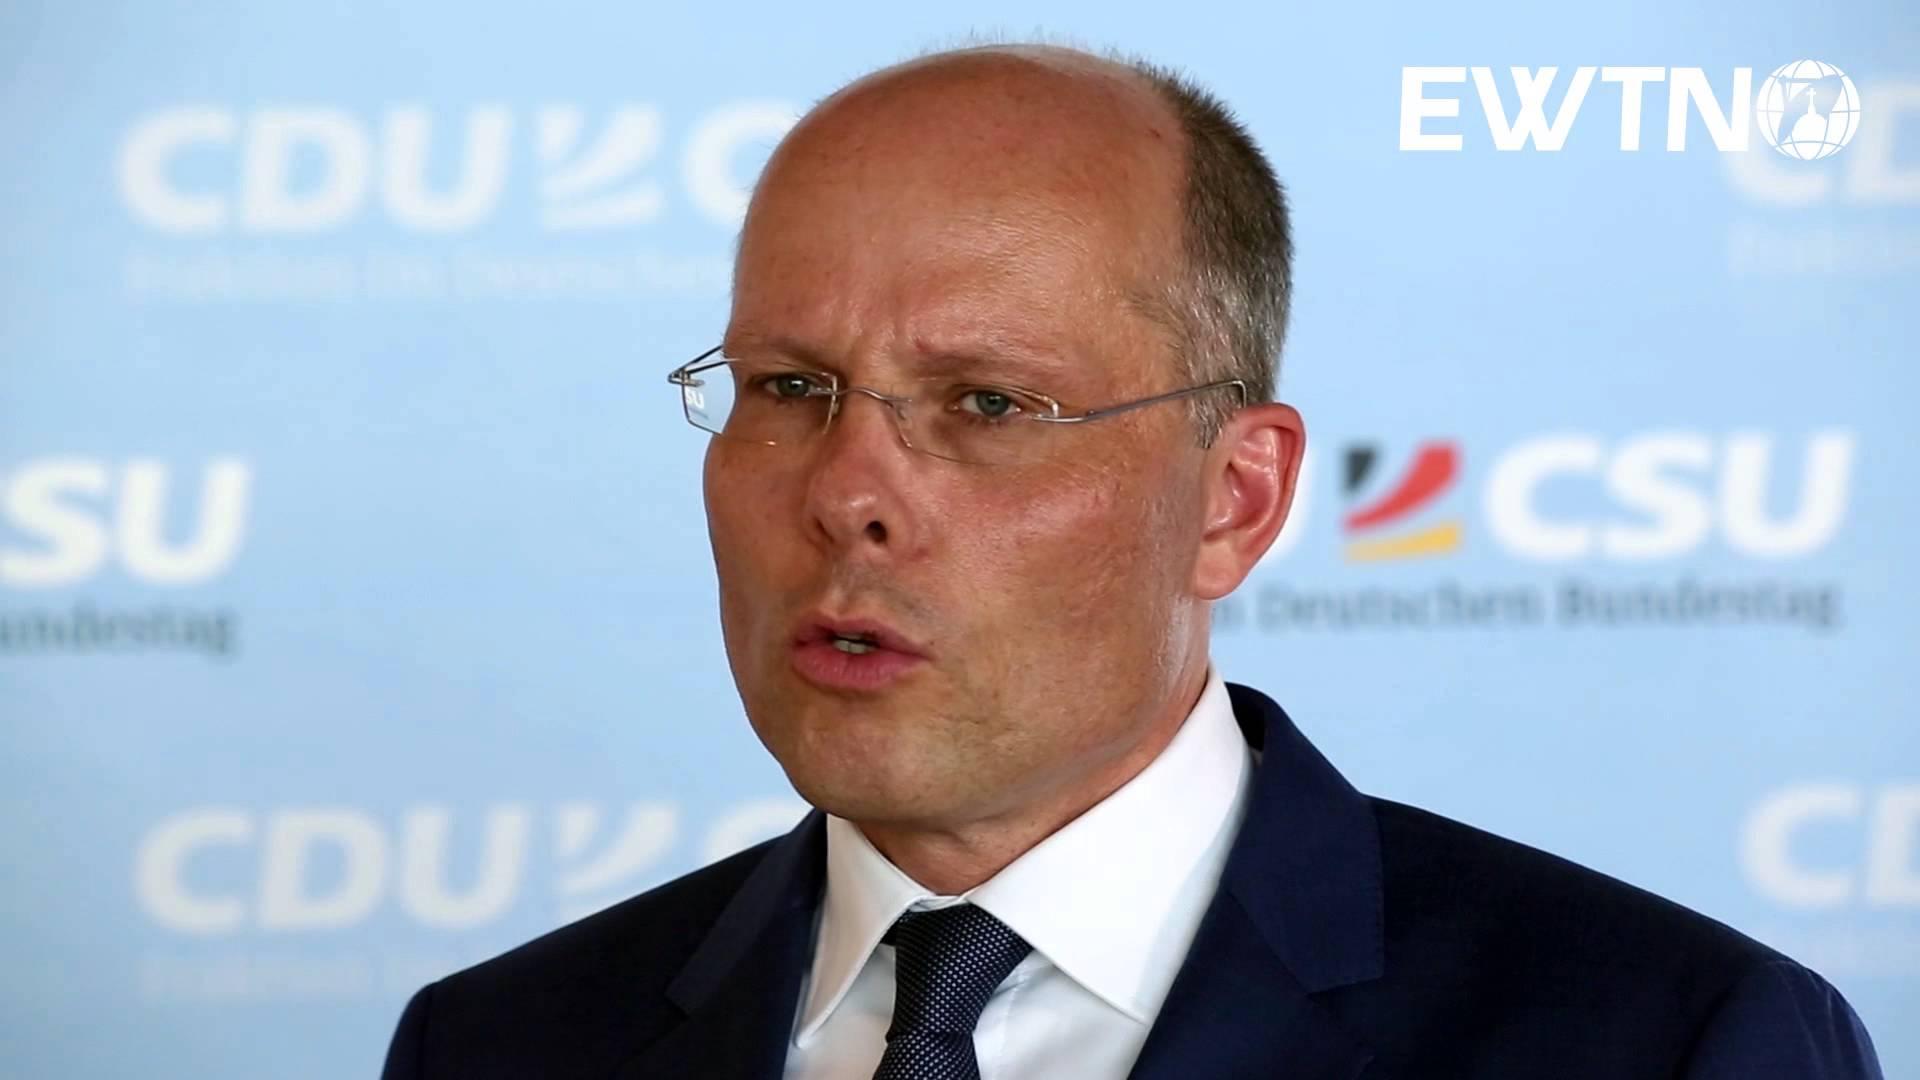 Stop talking landswap nonsense now, says German MPPeter Beyer